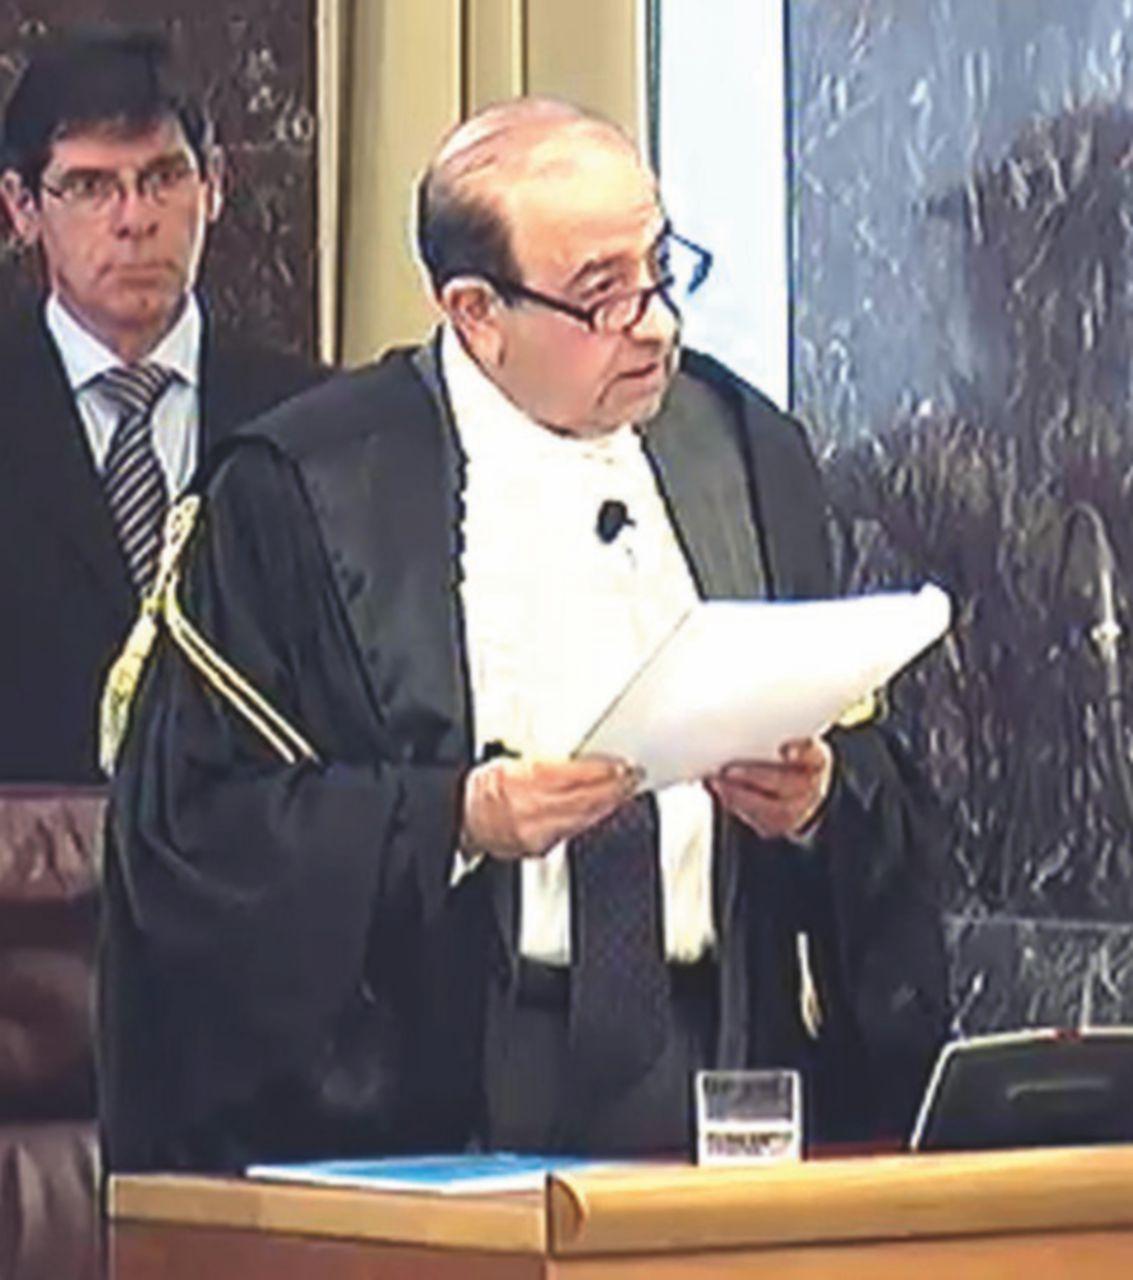 Il talento teatrale di Raffaele De Dominicis, assessore ripudiato ma forse ancora in carica